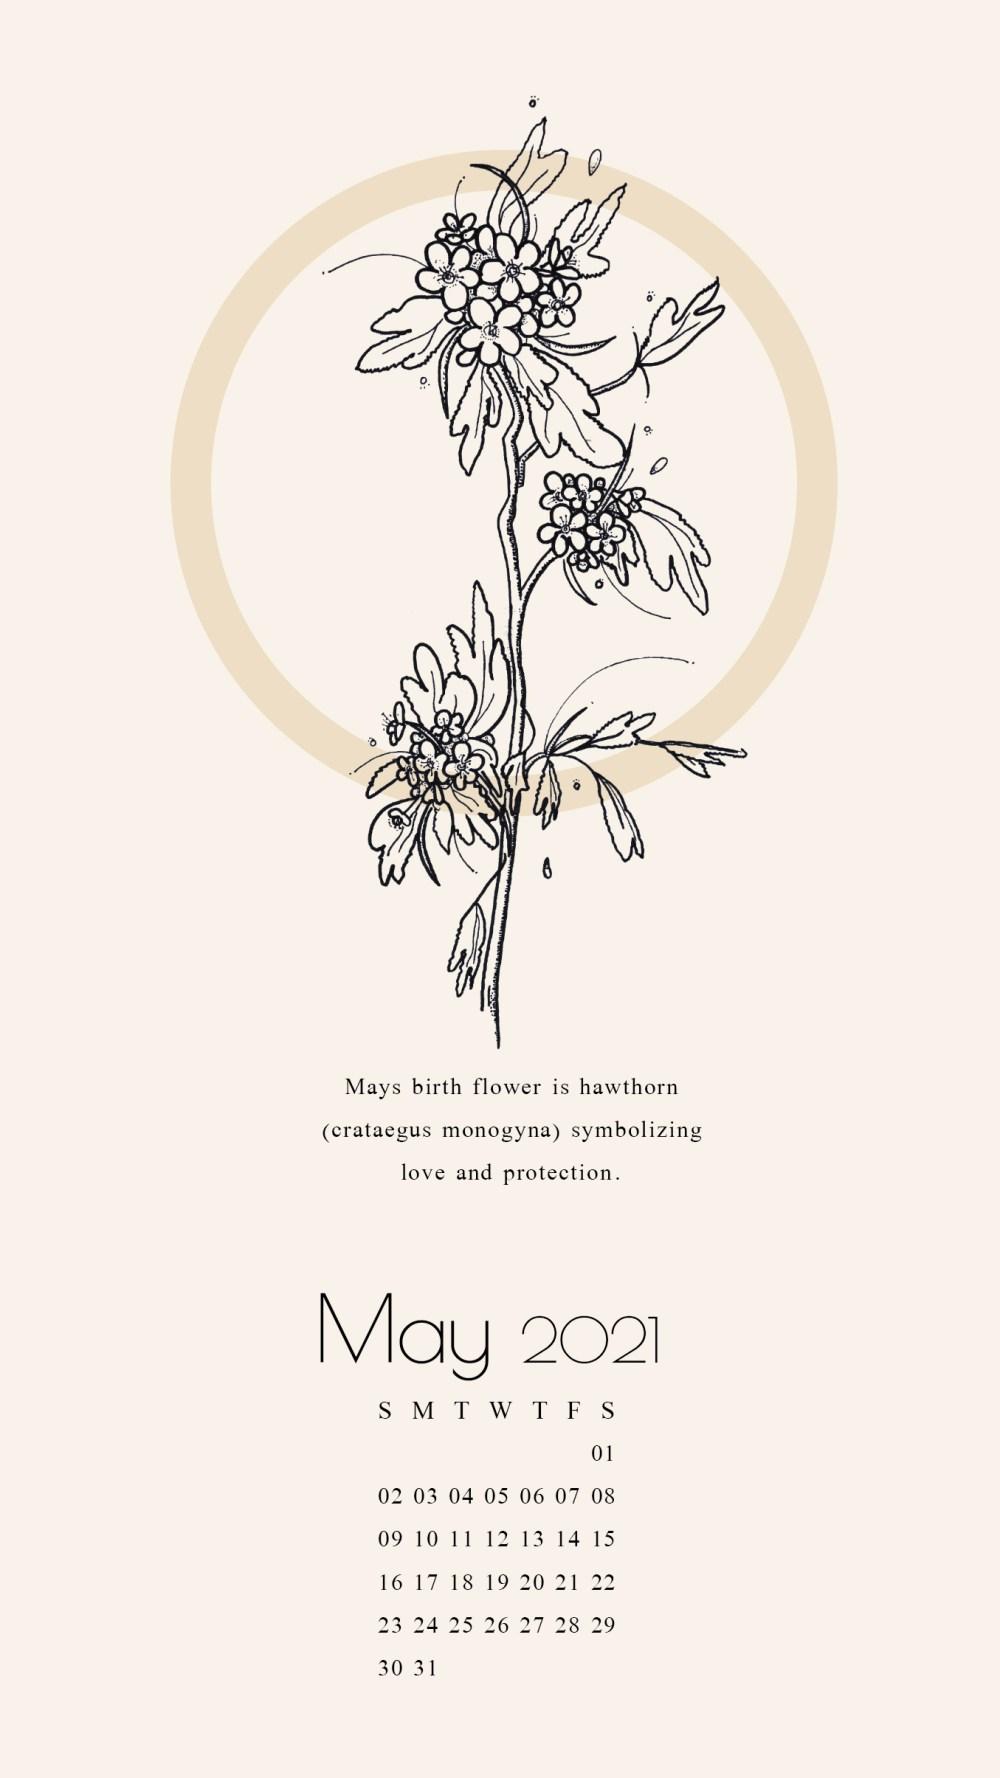 may2021, walllpaper